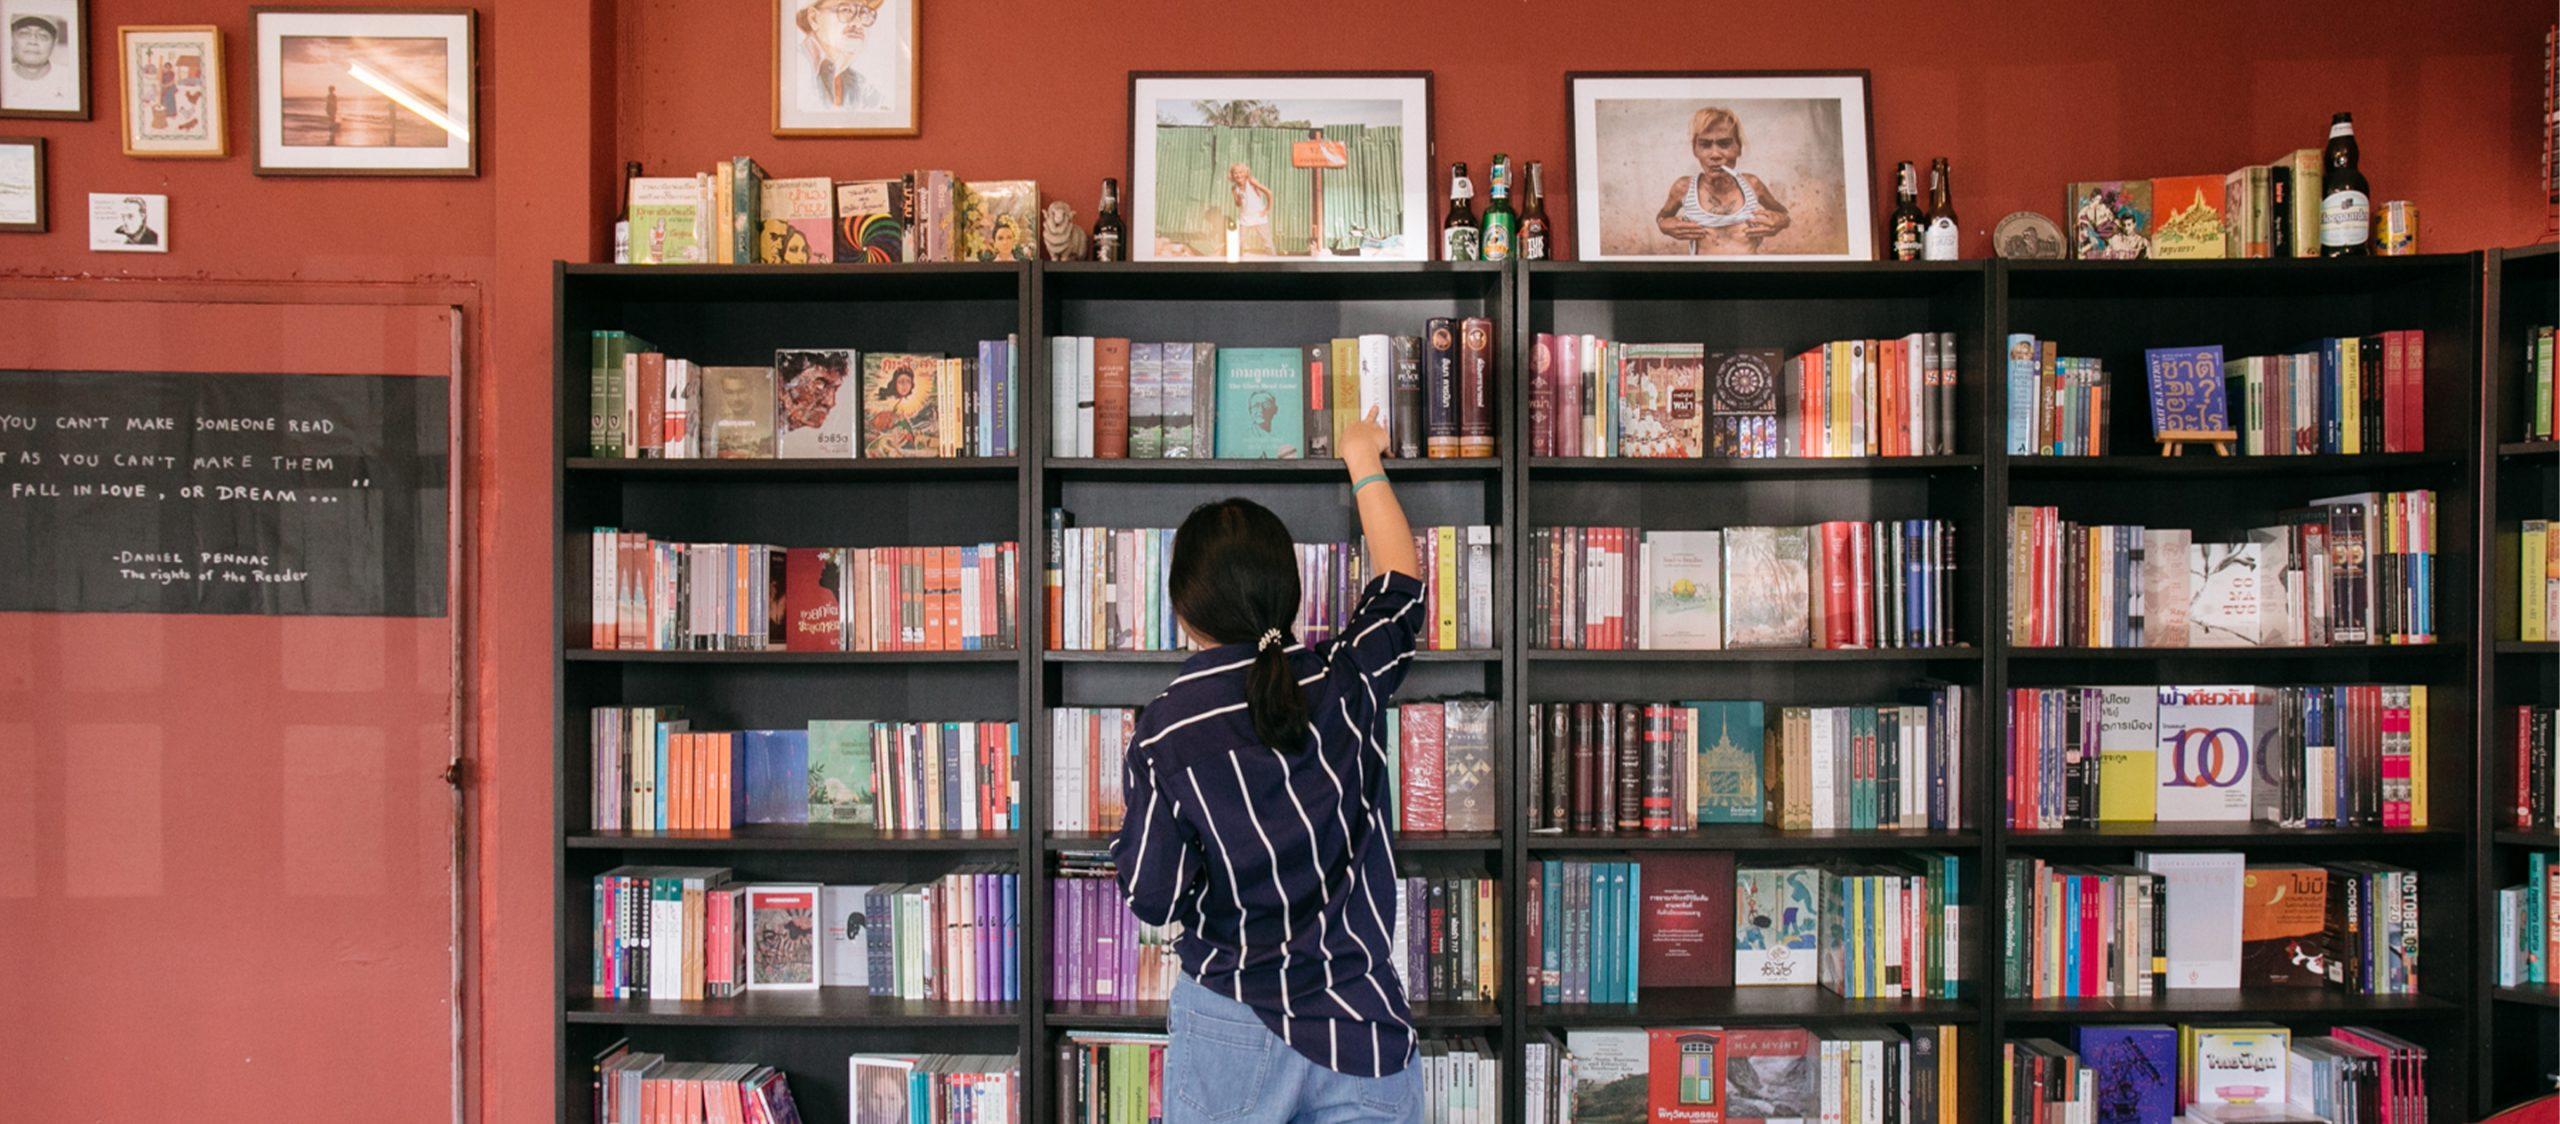 Wild Dog Bookshop ร้านหนังสืออิสระที่ขอนแก่นของหนุ่มใต้จากสตูล